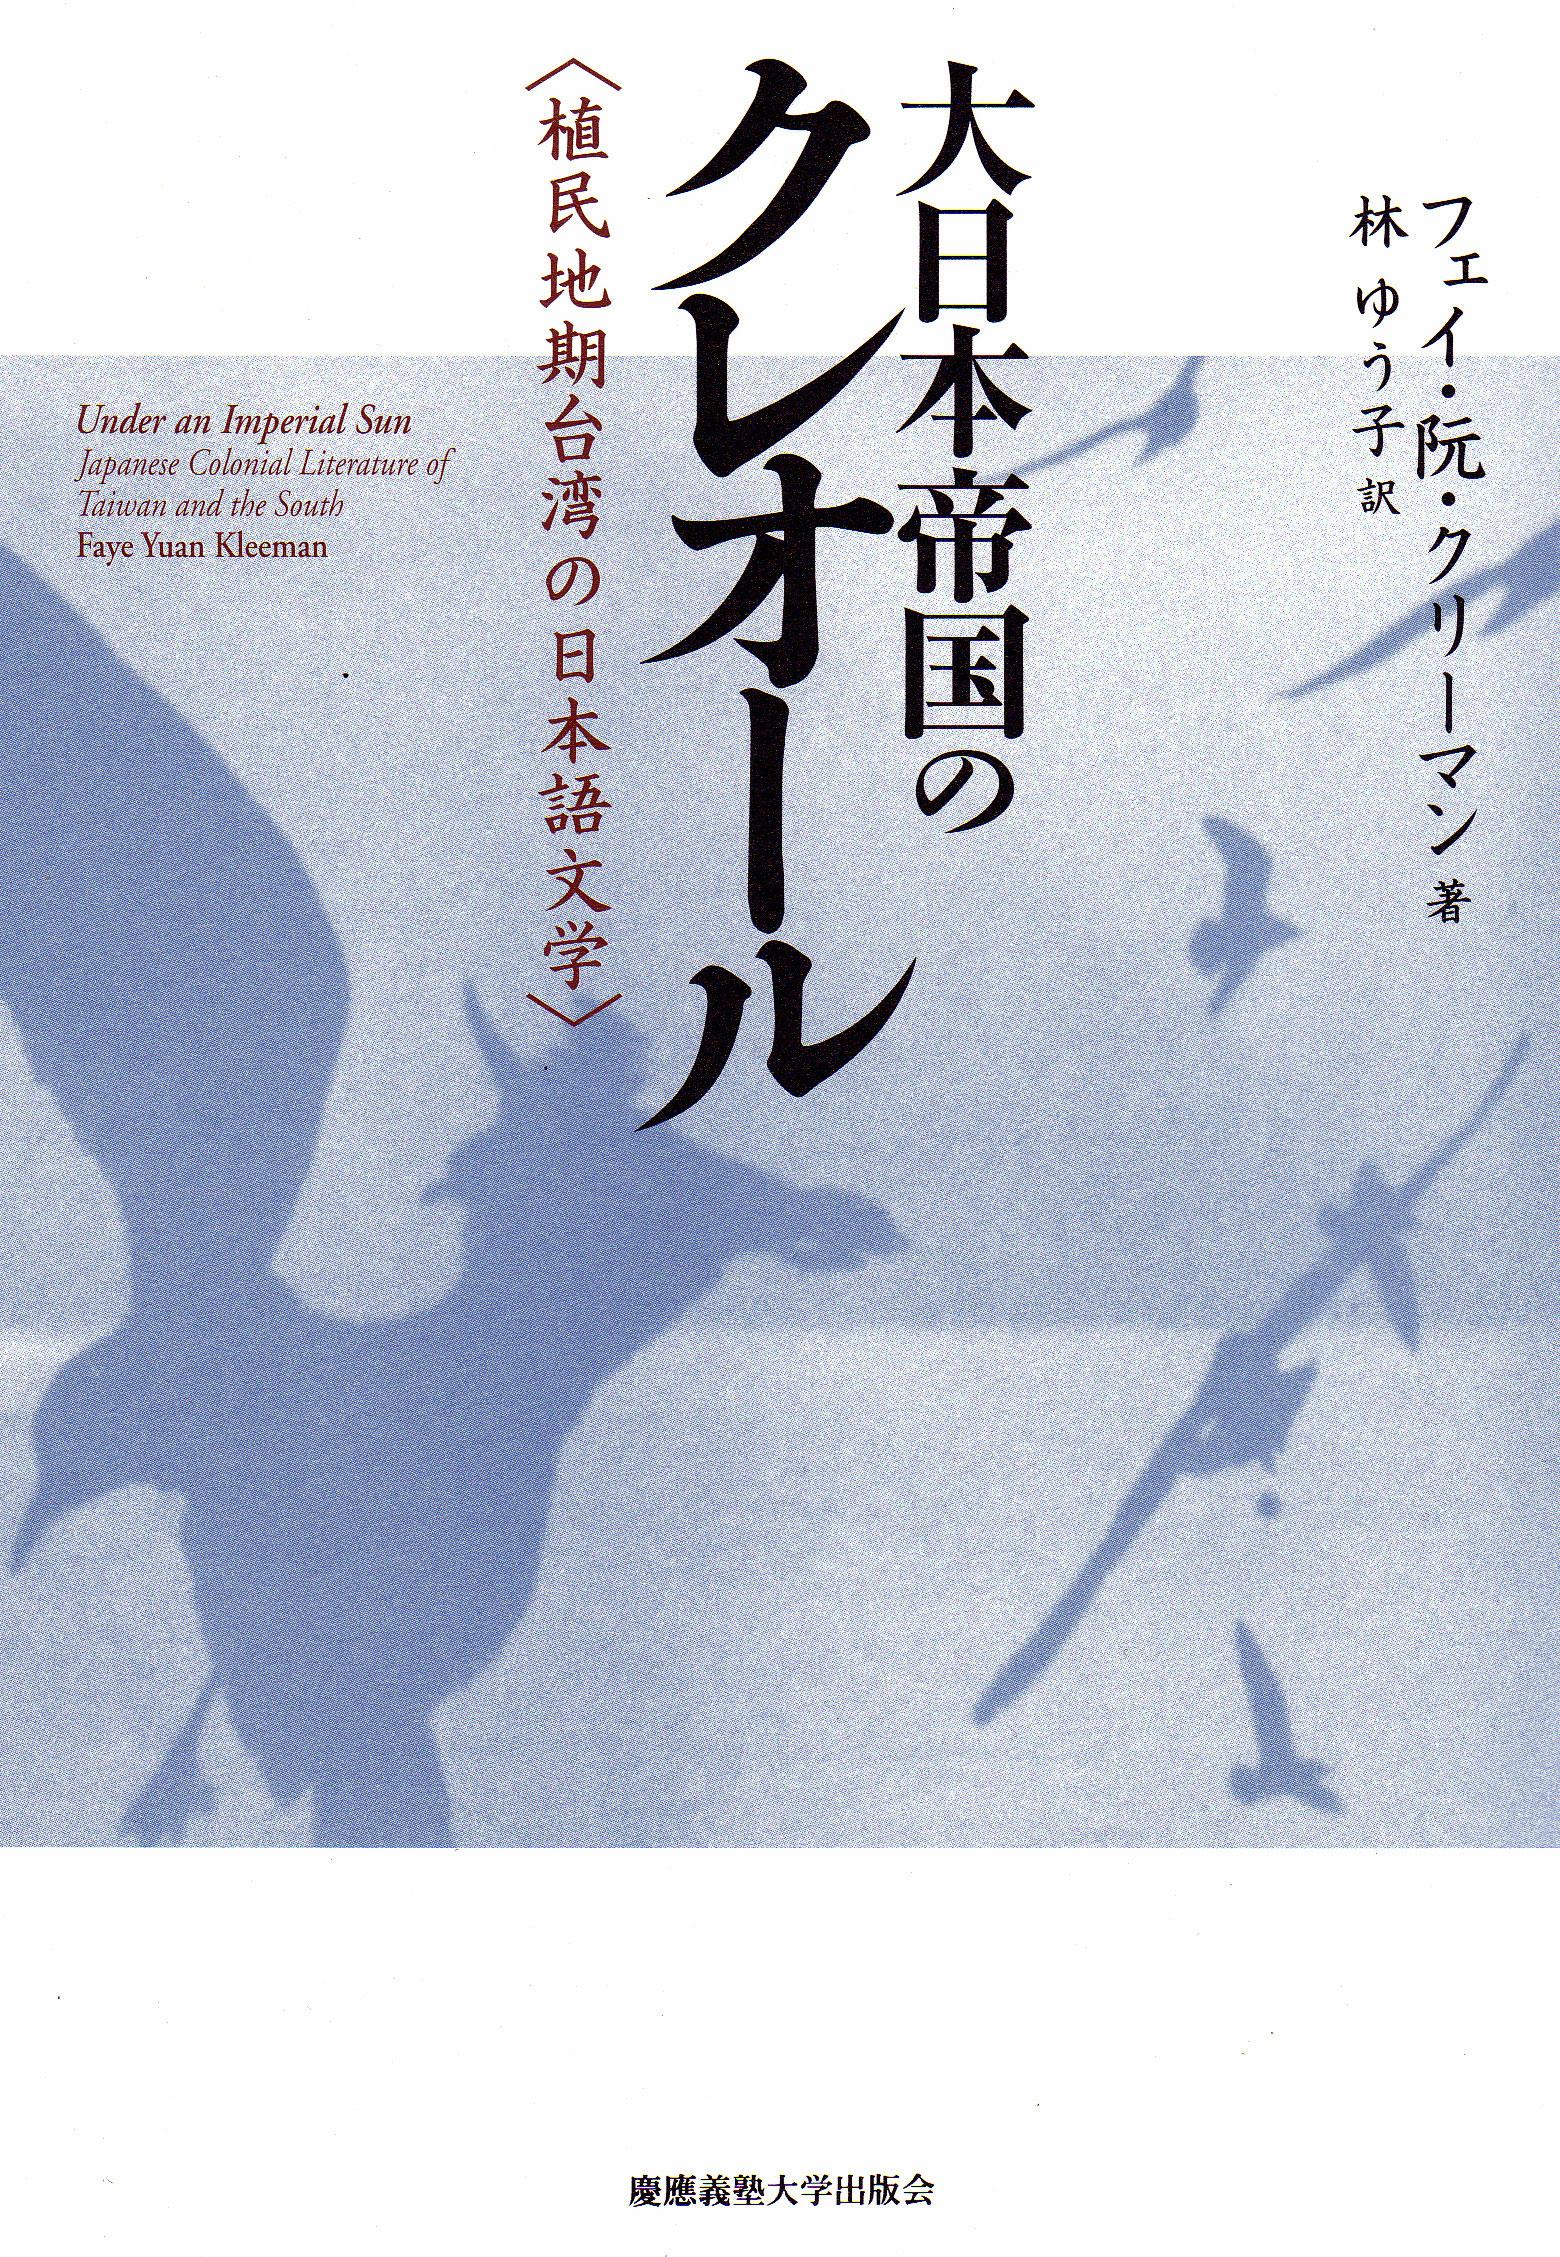 大日本帝国のクレオール 植民地期台湾の日本語文学 フェイ・阮・クリーマン 著 林 ゆう子 訳